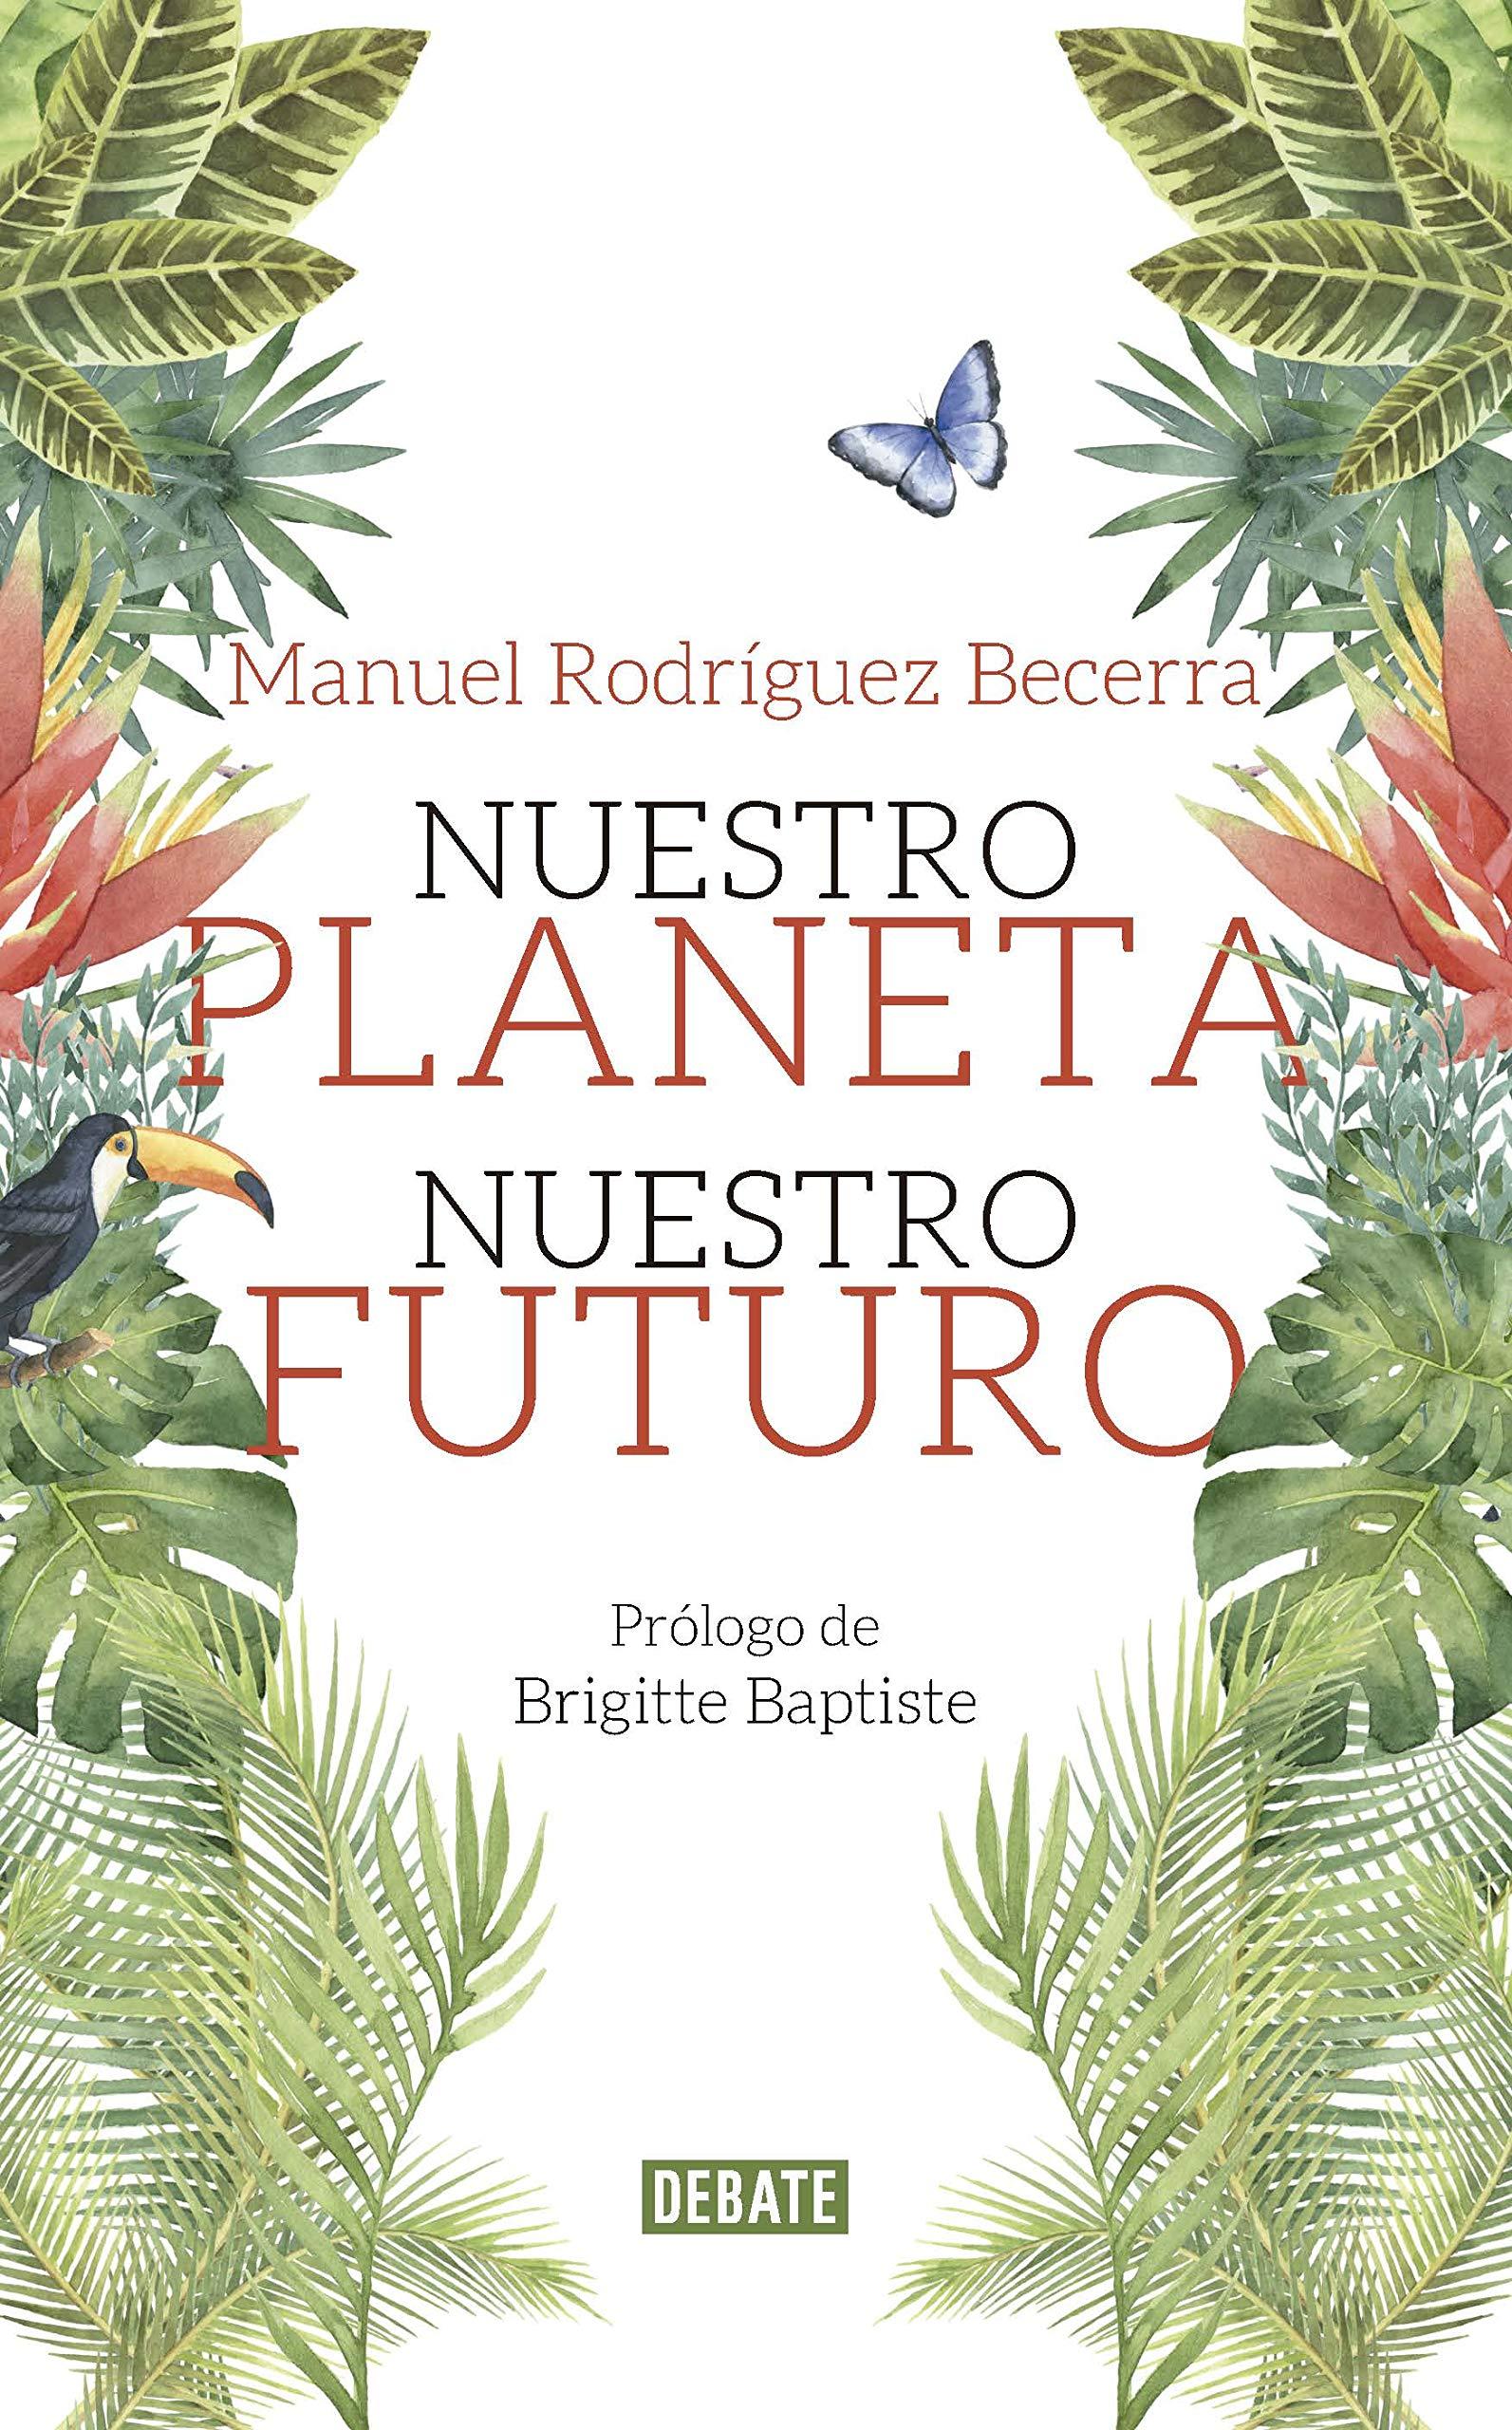 Nuestro planeta nuestro futuro